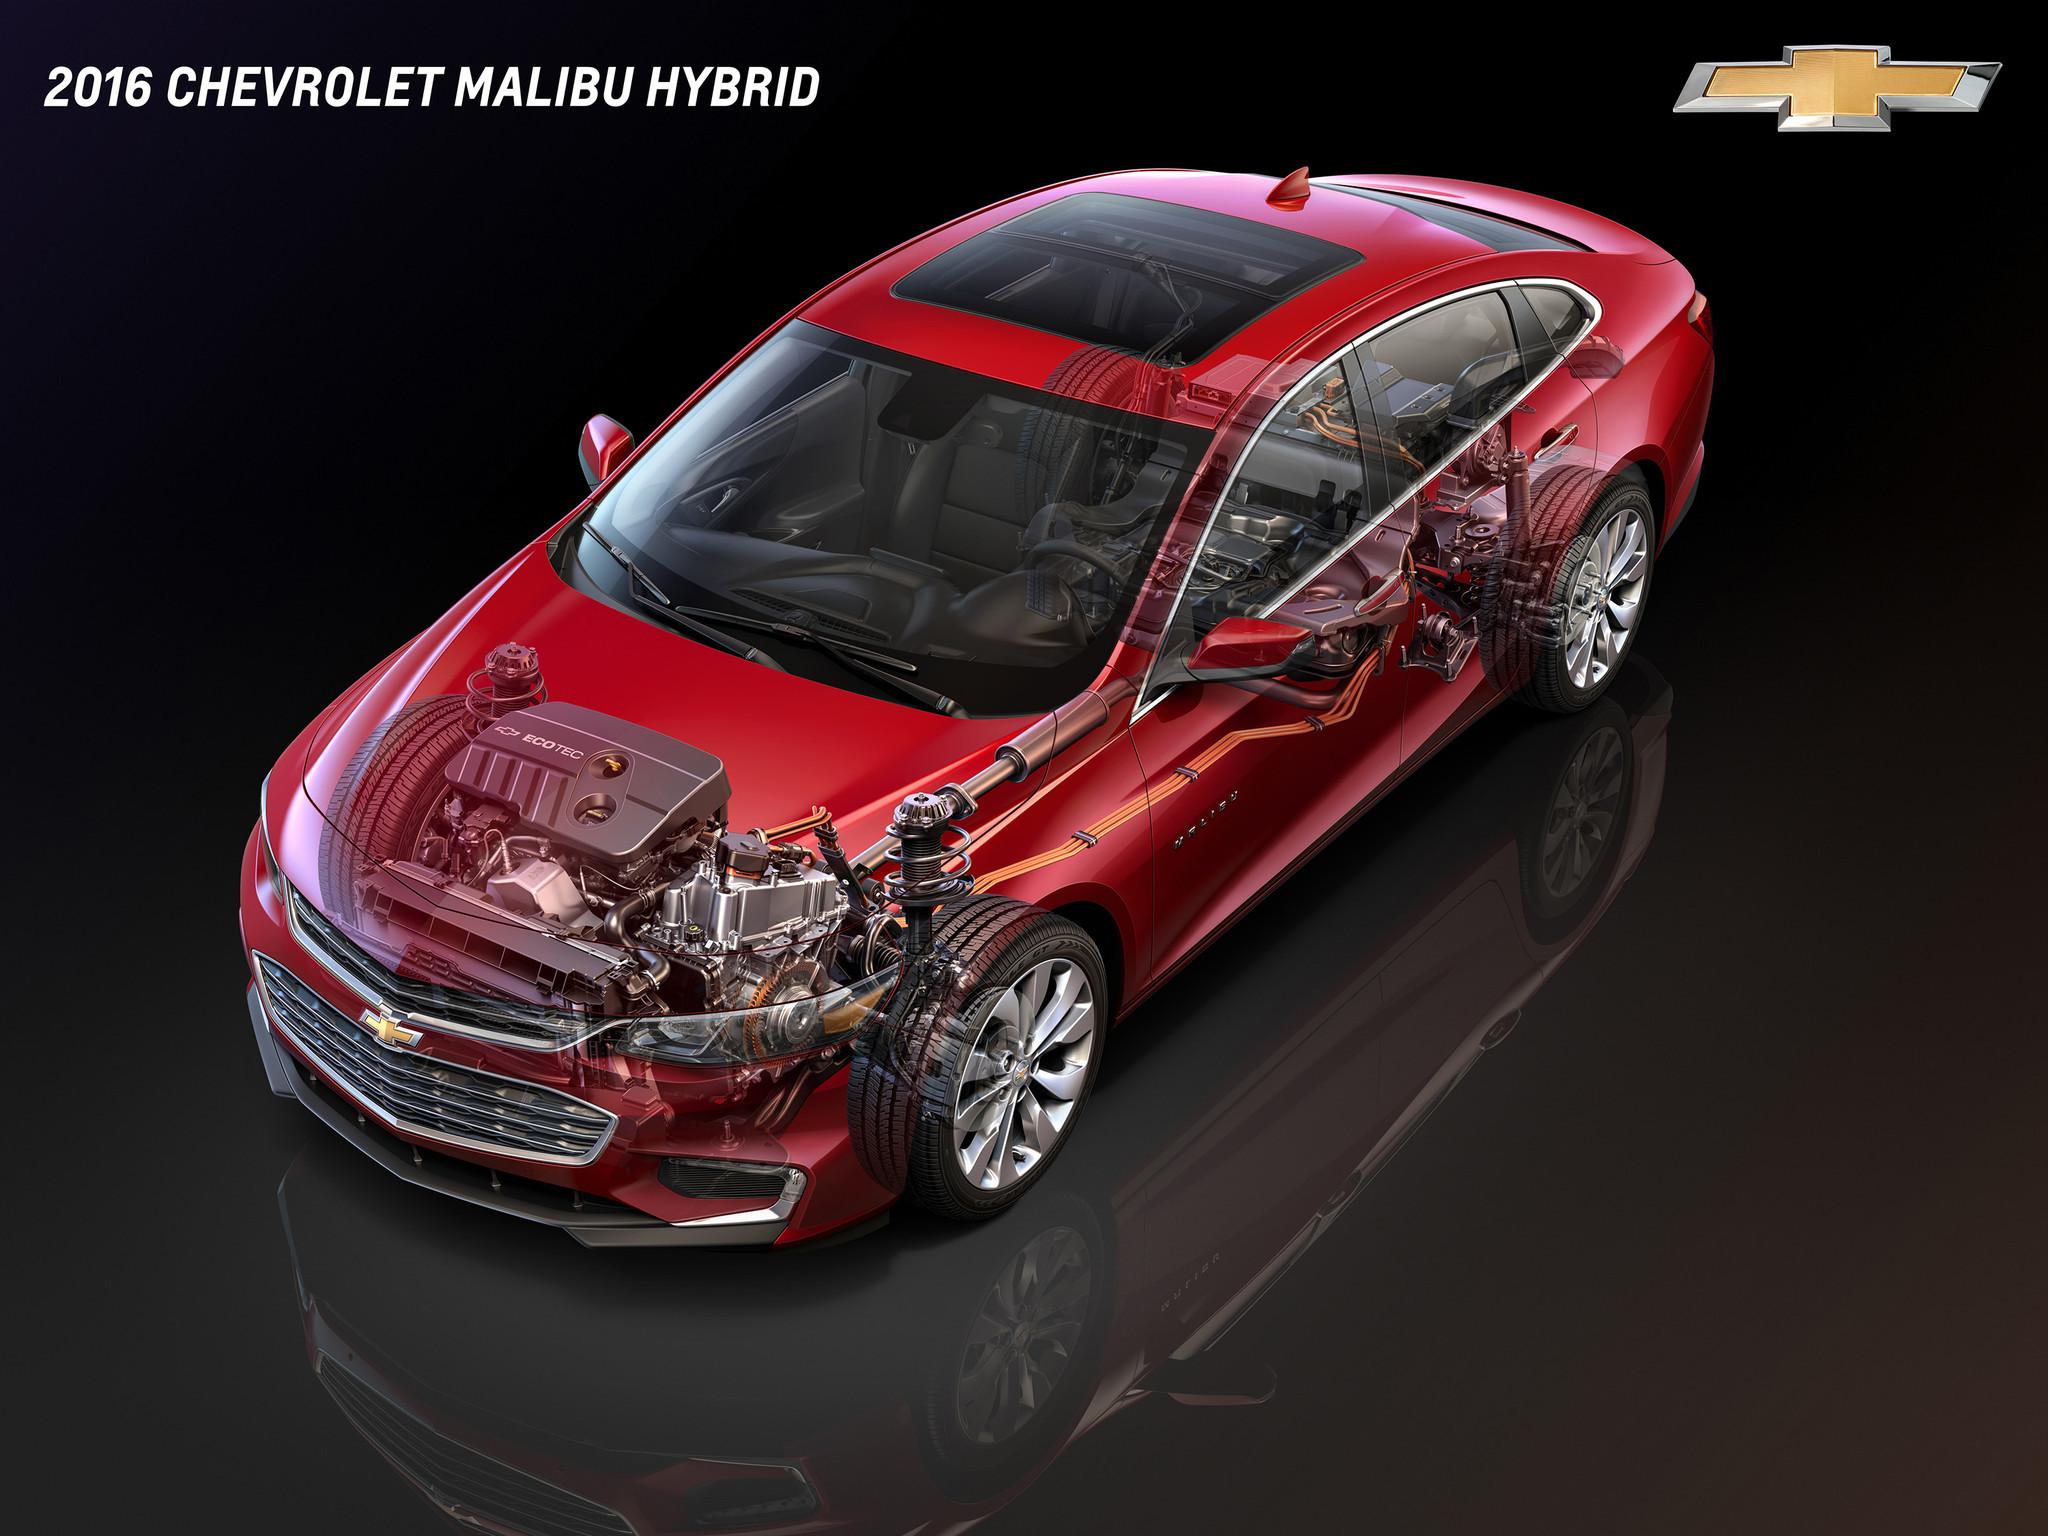 Chevy Malibu Tops Hybrid Midsize Sedan Fuel Economy For 2016 Chicago Tribune